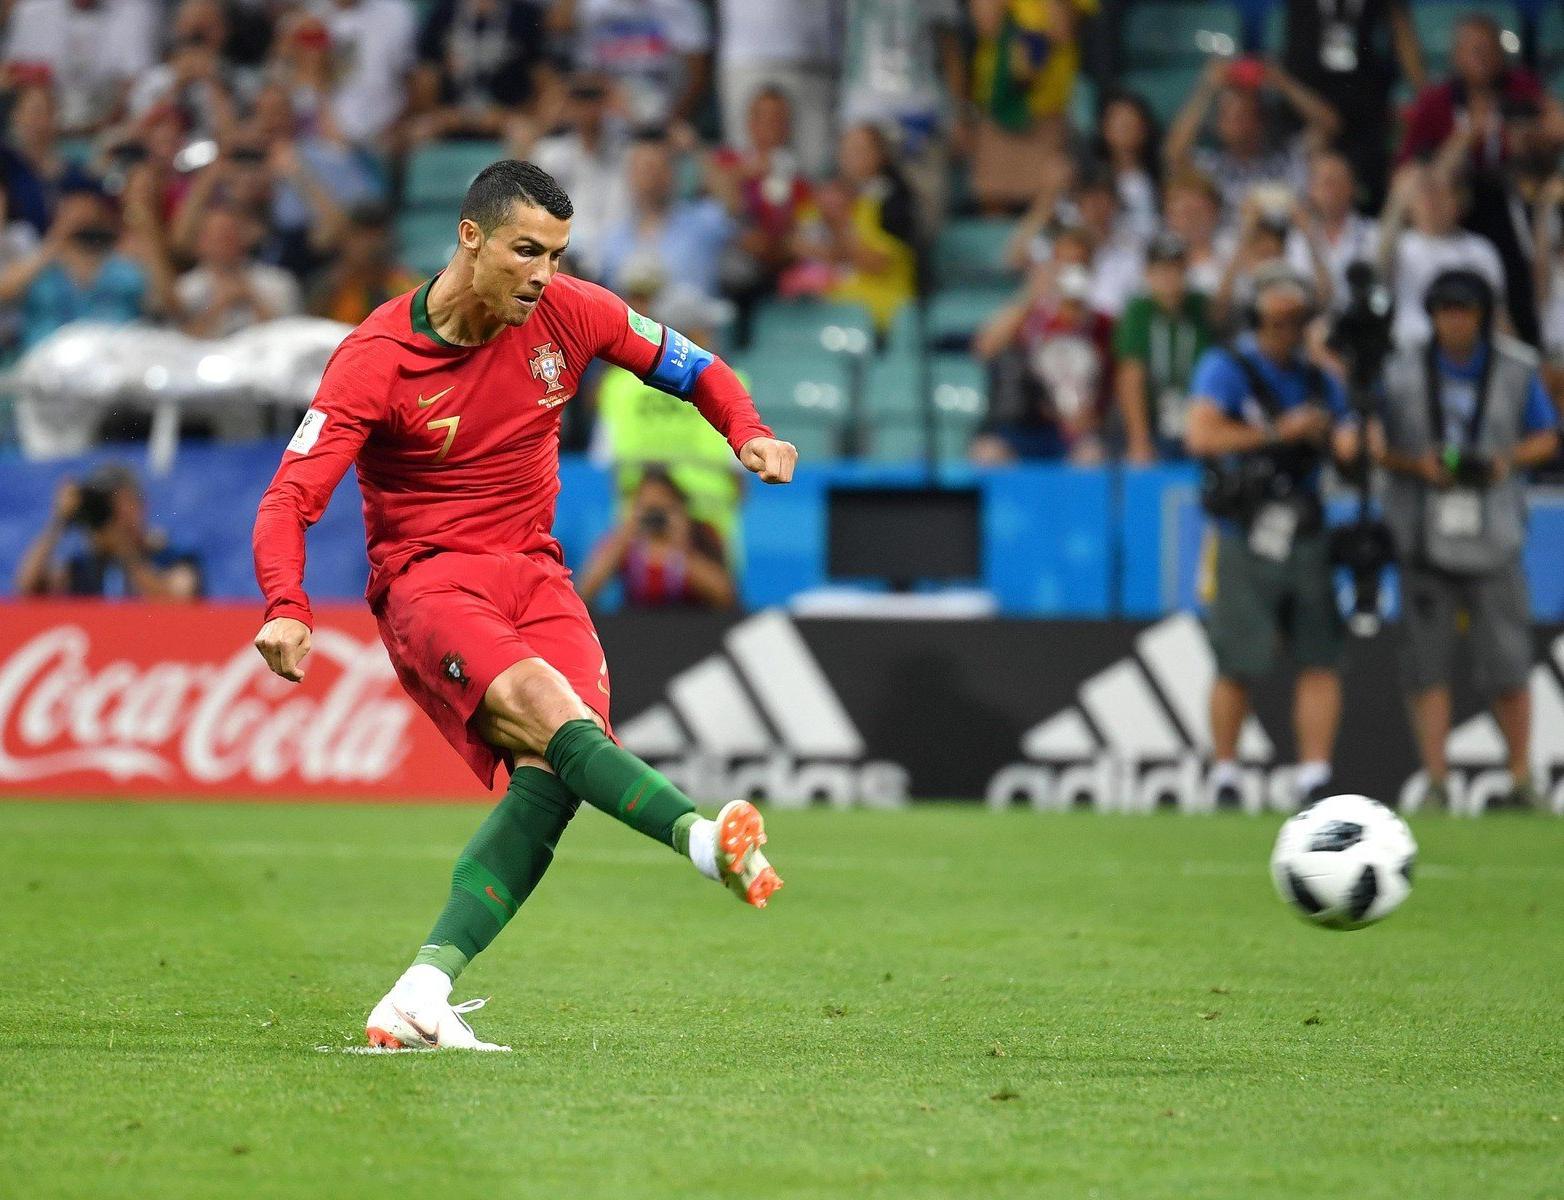 Španělský ekonom dokázal, že penaltový rozstřel není fér